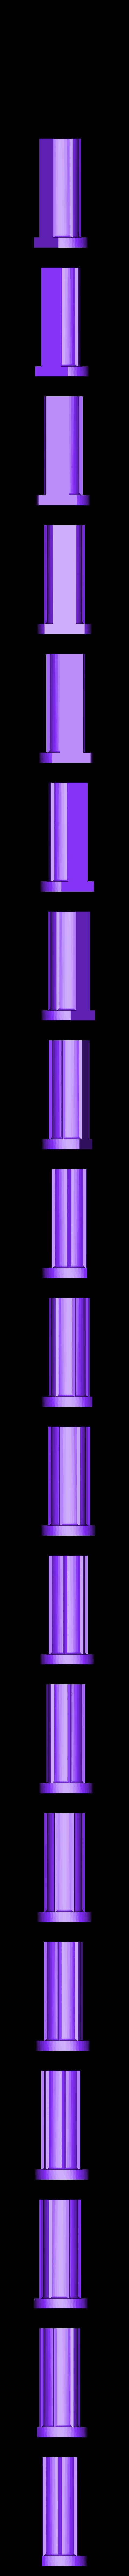 Insert_W-Spring_2BRod_001.STL Télécharger fichier STL gratuit Cinq réparations de portes de placard ! • Modèle pour imprimante 3D, Tarnliare